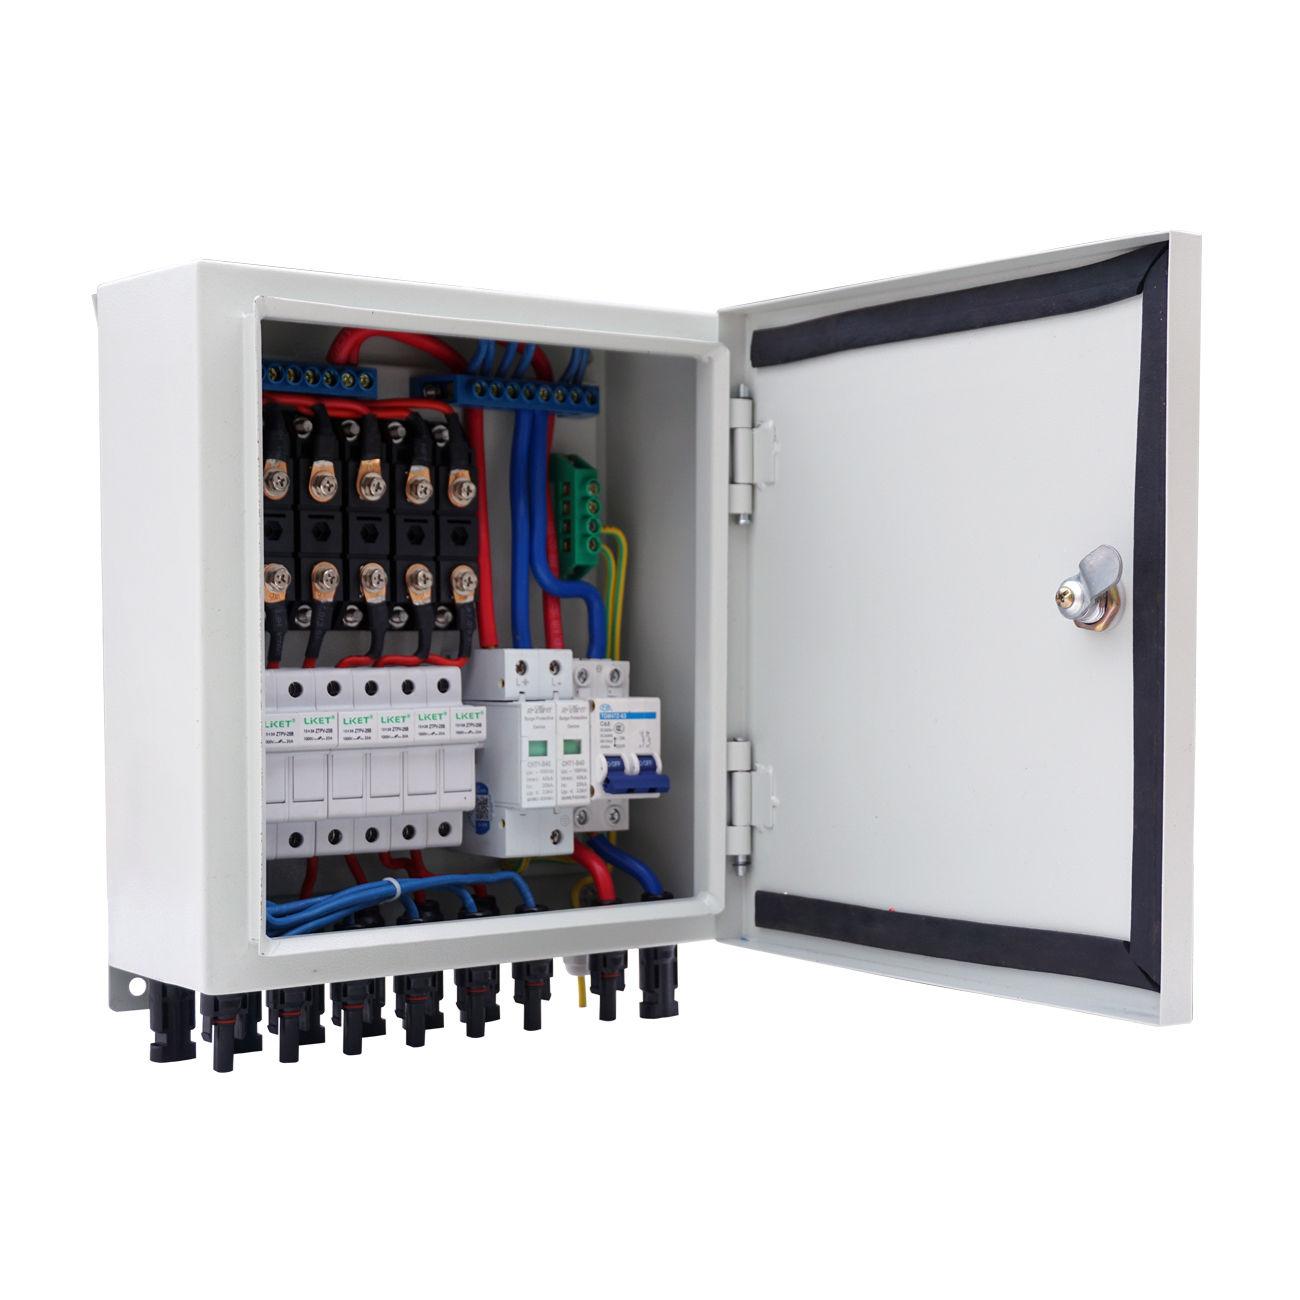 combiner box wiring diagram [ 1300 x 1300 Pixel ]